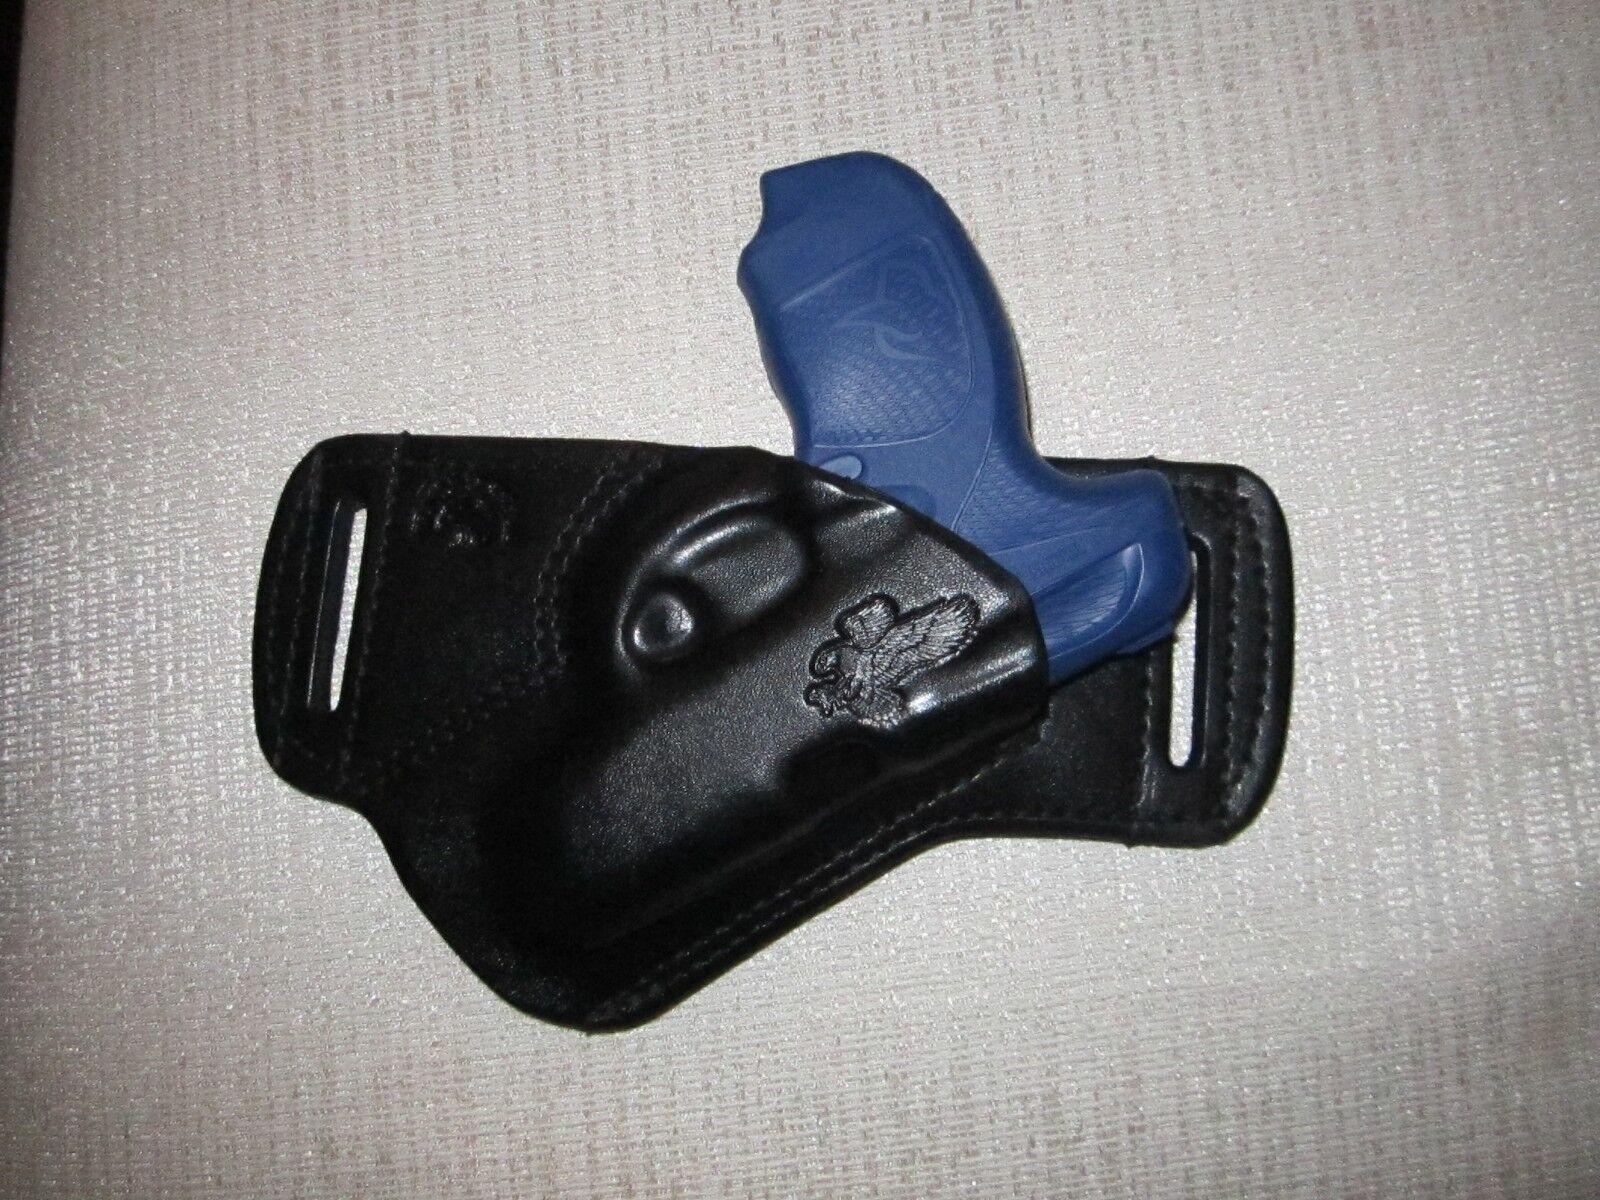 Taurus Spectrum SOB formed Leder belt holster